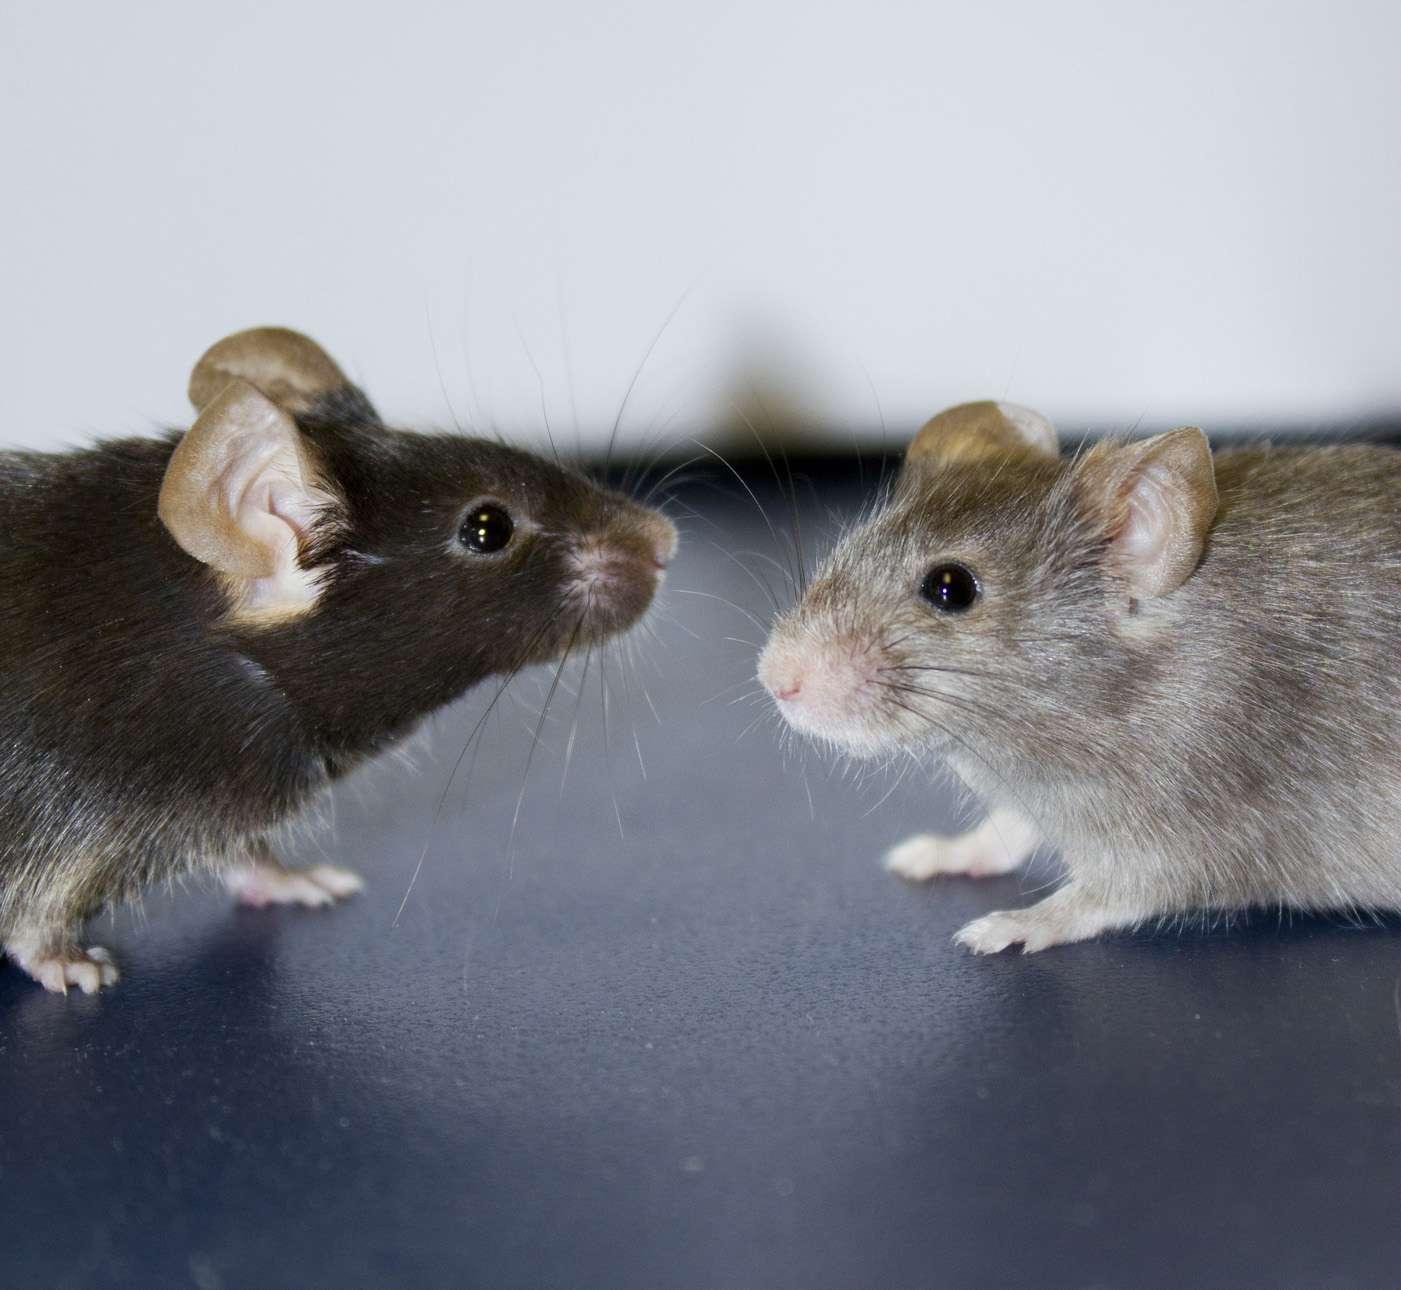 En éclaircissant le pelage de souris, les chercheurs parviennent à mieux saisir l'utilité des protéines B-Raf et C-Raf pour une meilleure compréhension du mélanome, un cancer de la peau responsable de la mort de 1.620 personnes en France en 2011. © A. Eychène et F. Bertrand, Institut Curie